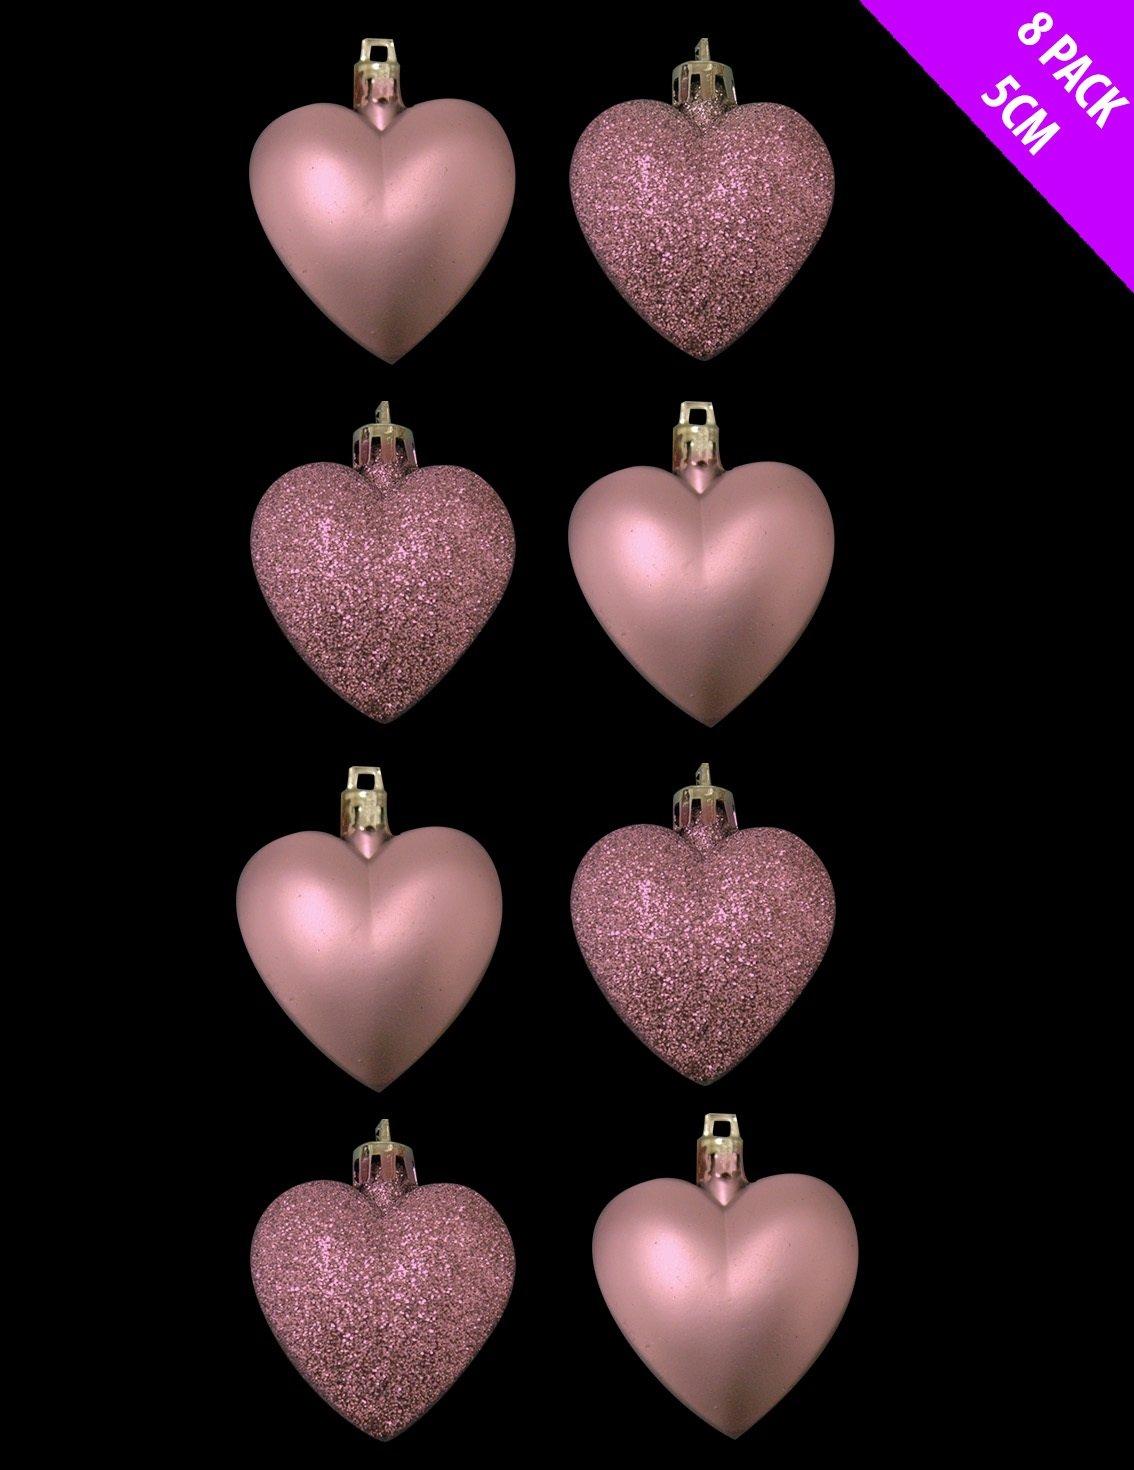 8 x 5 cm rosa/pá lido rosa + Matt bolas para á rbol de Navidad con forma de corazó n CHRISTMASSHOP No Model